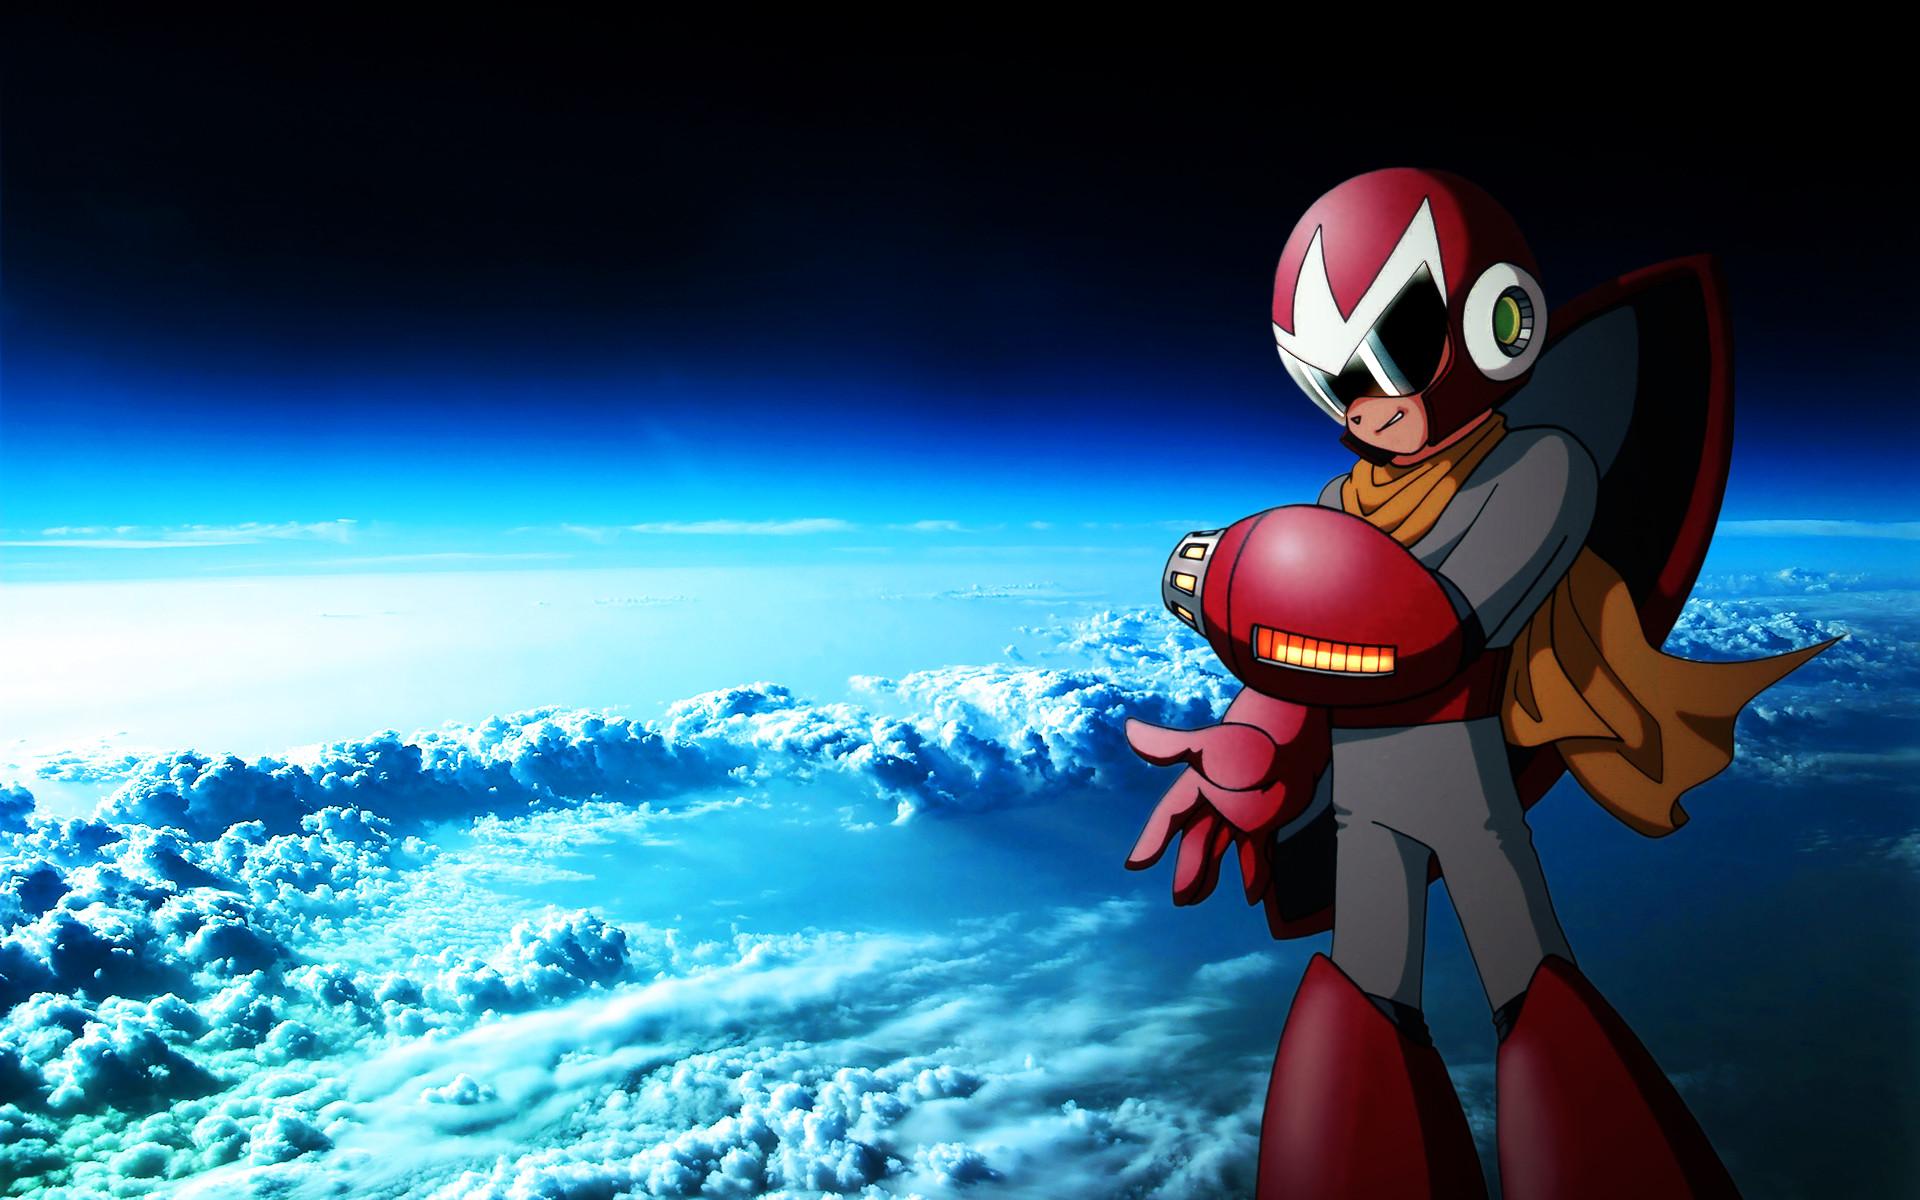 Megaman Wallpaper Megaman